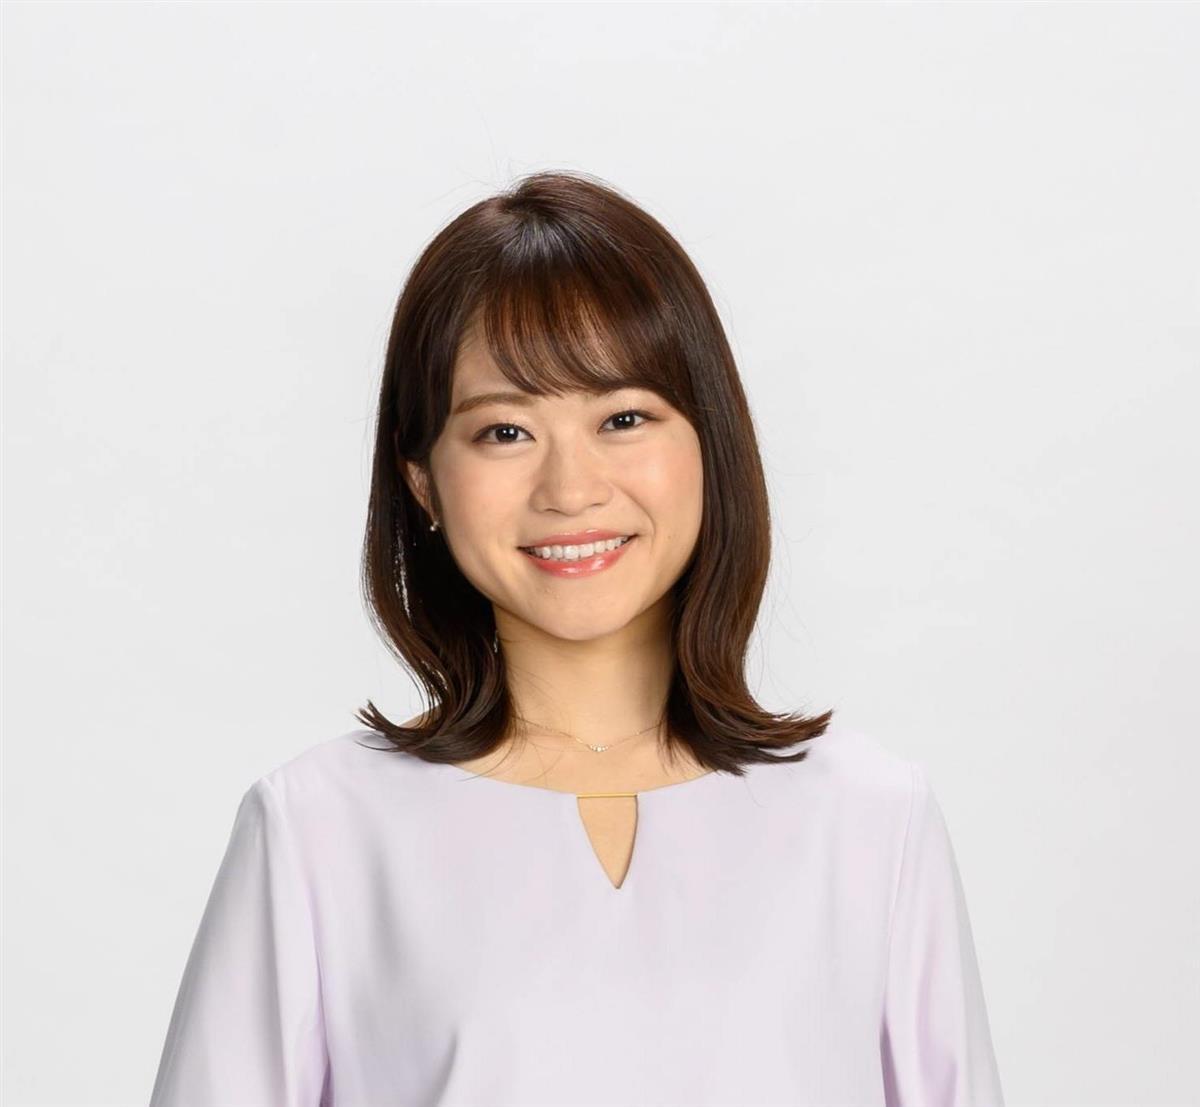 【長野放送・アナウンサーコラム】吉岡麗「新たな発見の連続」